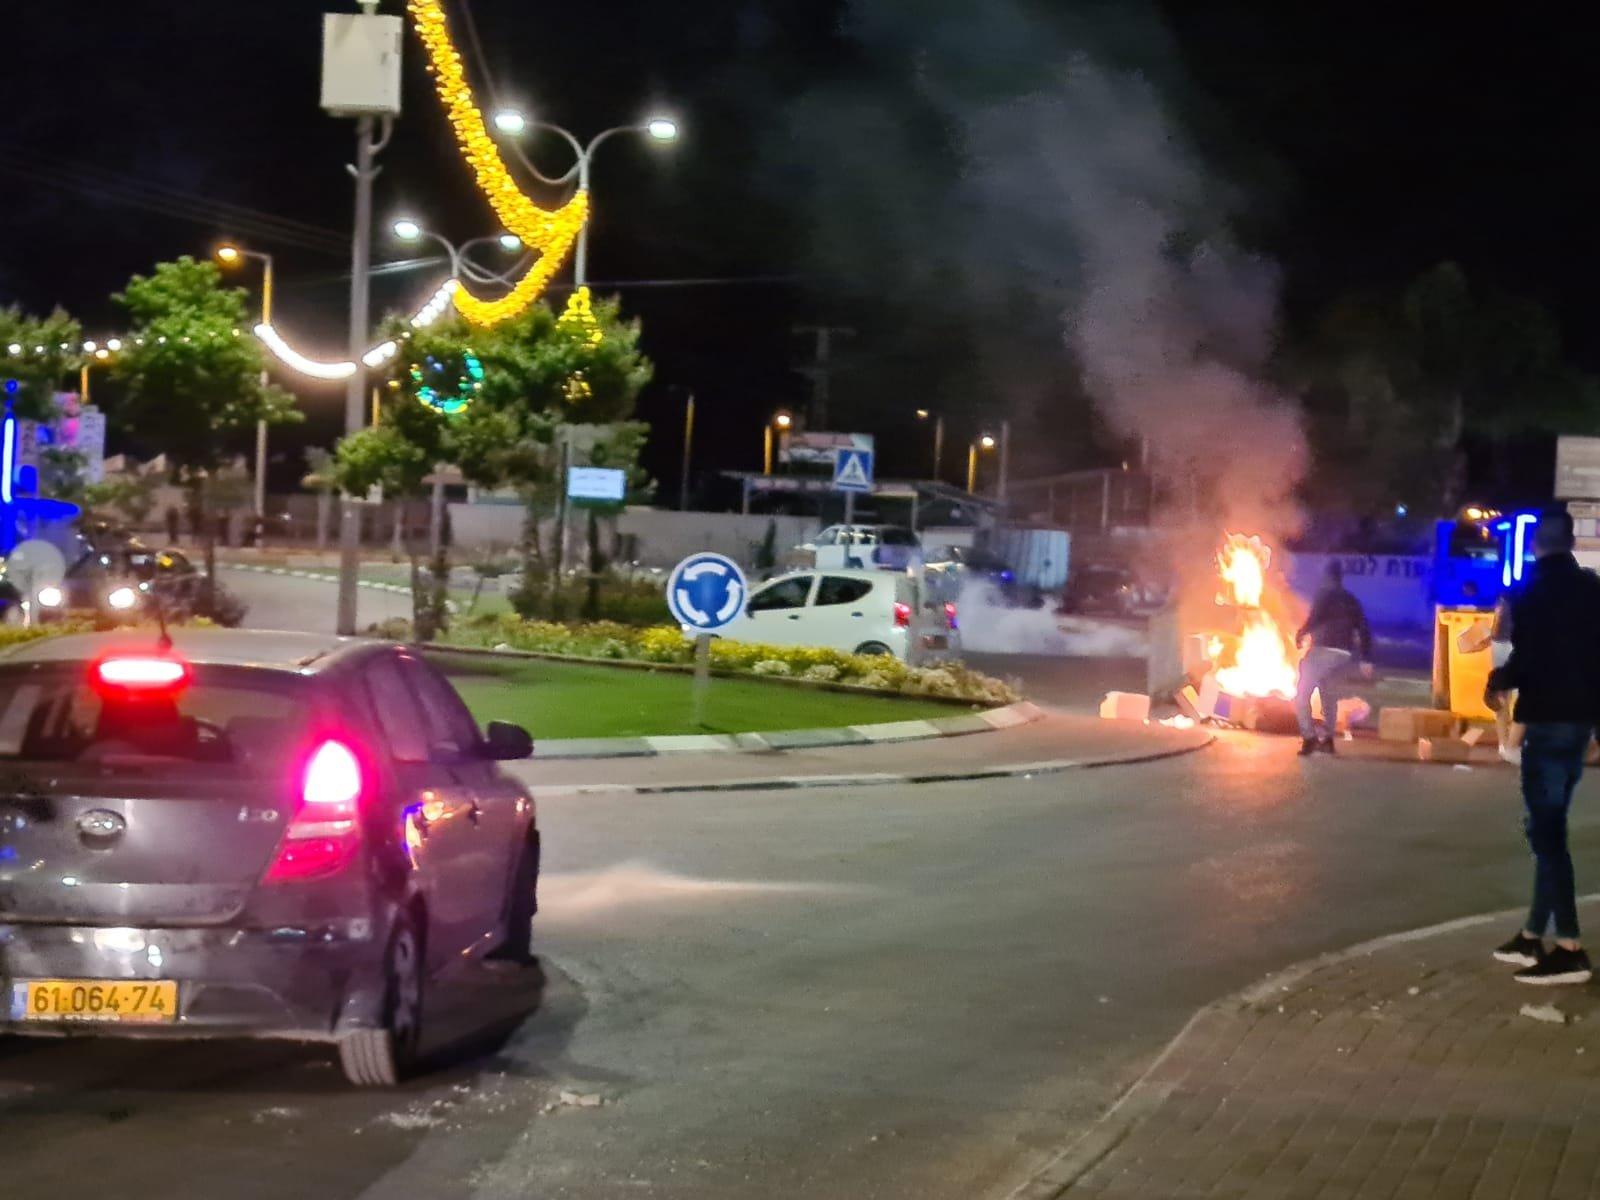 تابعوا الأخبار من مختلف البلدات: مظاهرات حاشدة، اليكم الملخص والصور-28